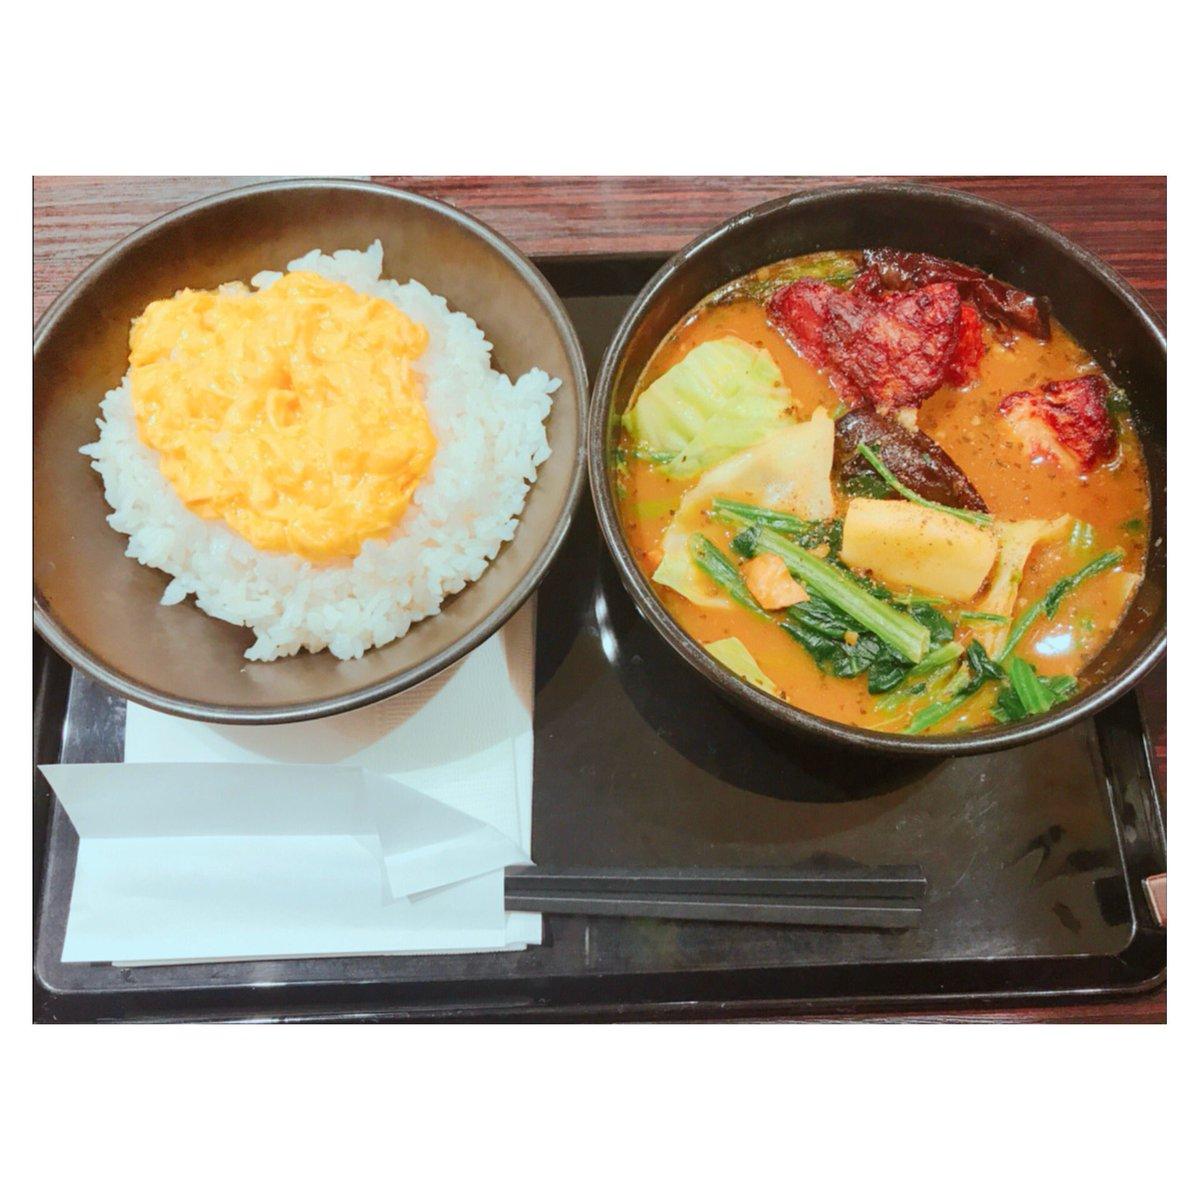 いただきまーす🙏🏻💕💕 CoCo壱番屋だよスープカレーだよ😍